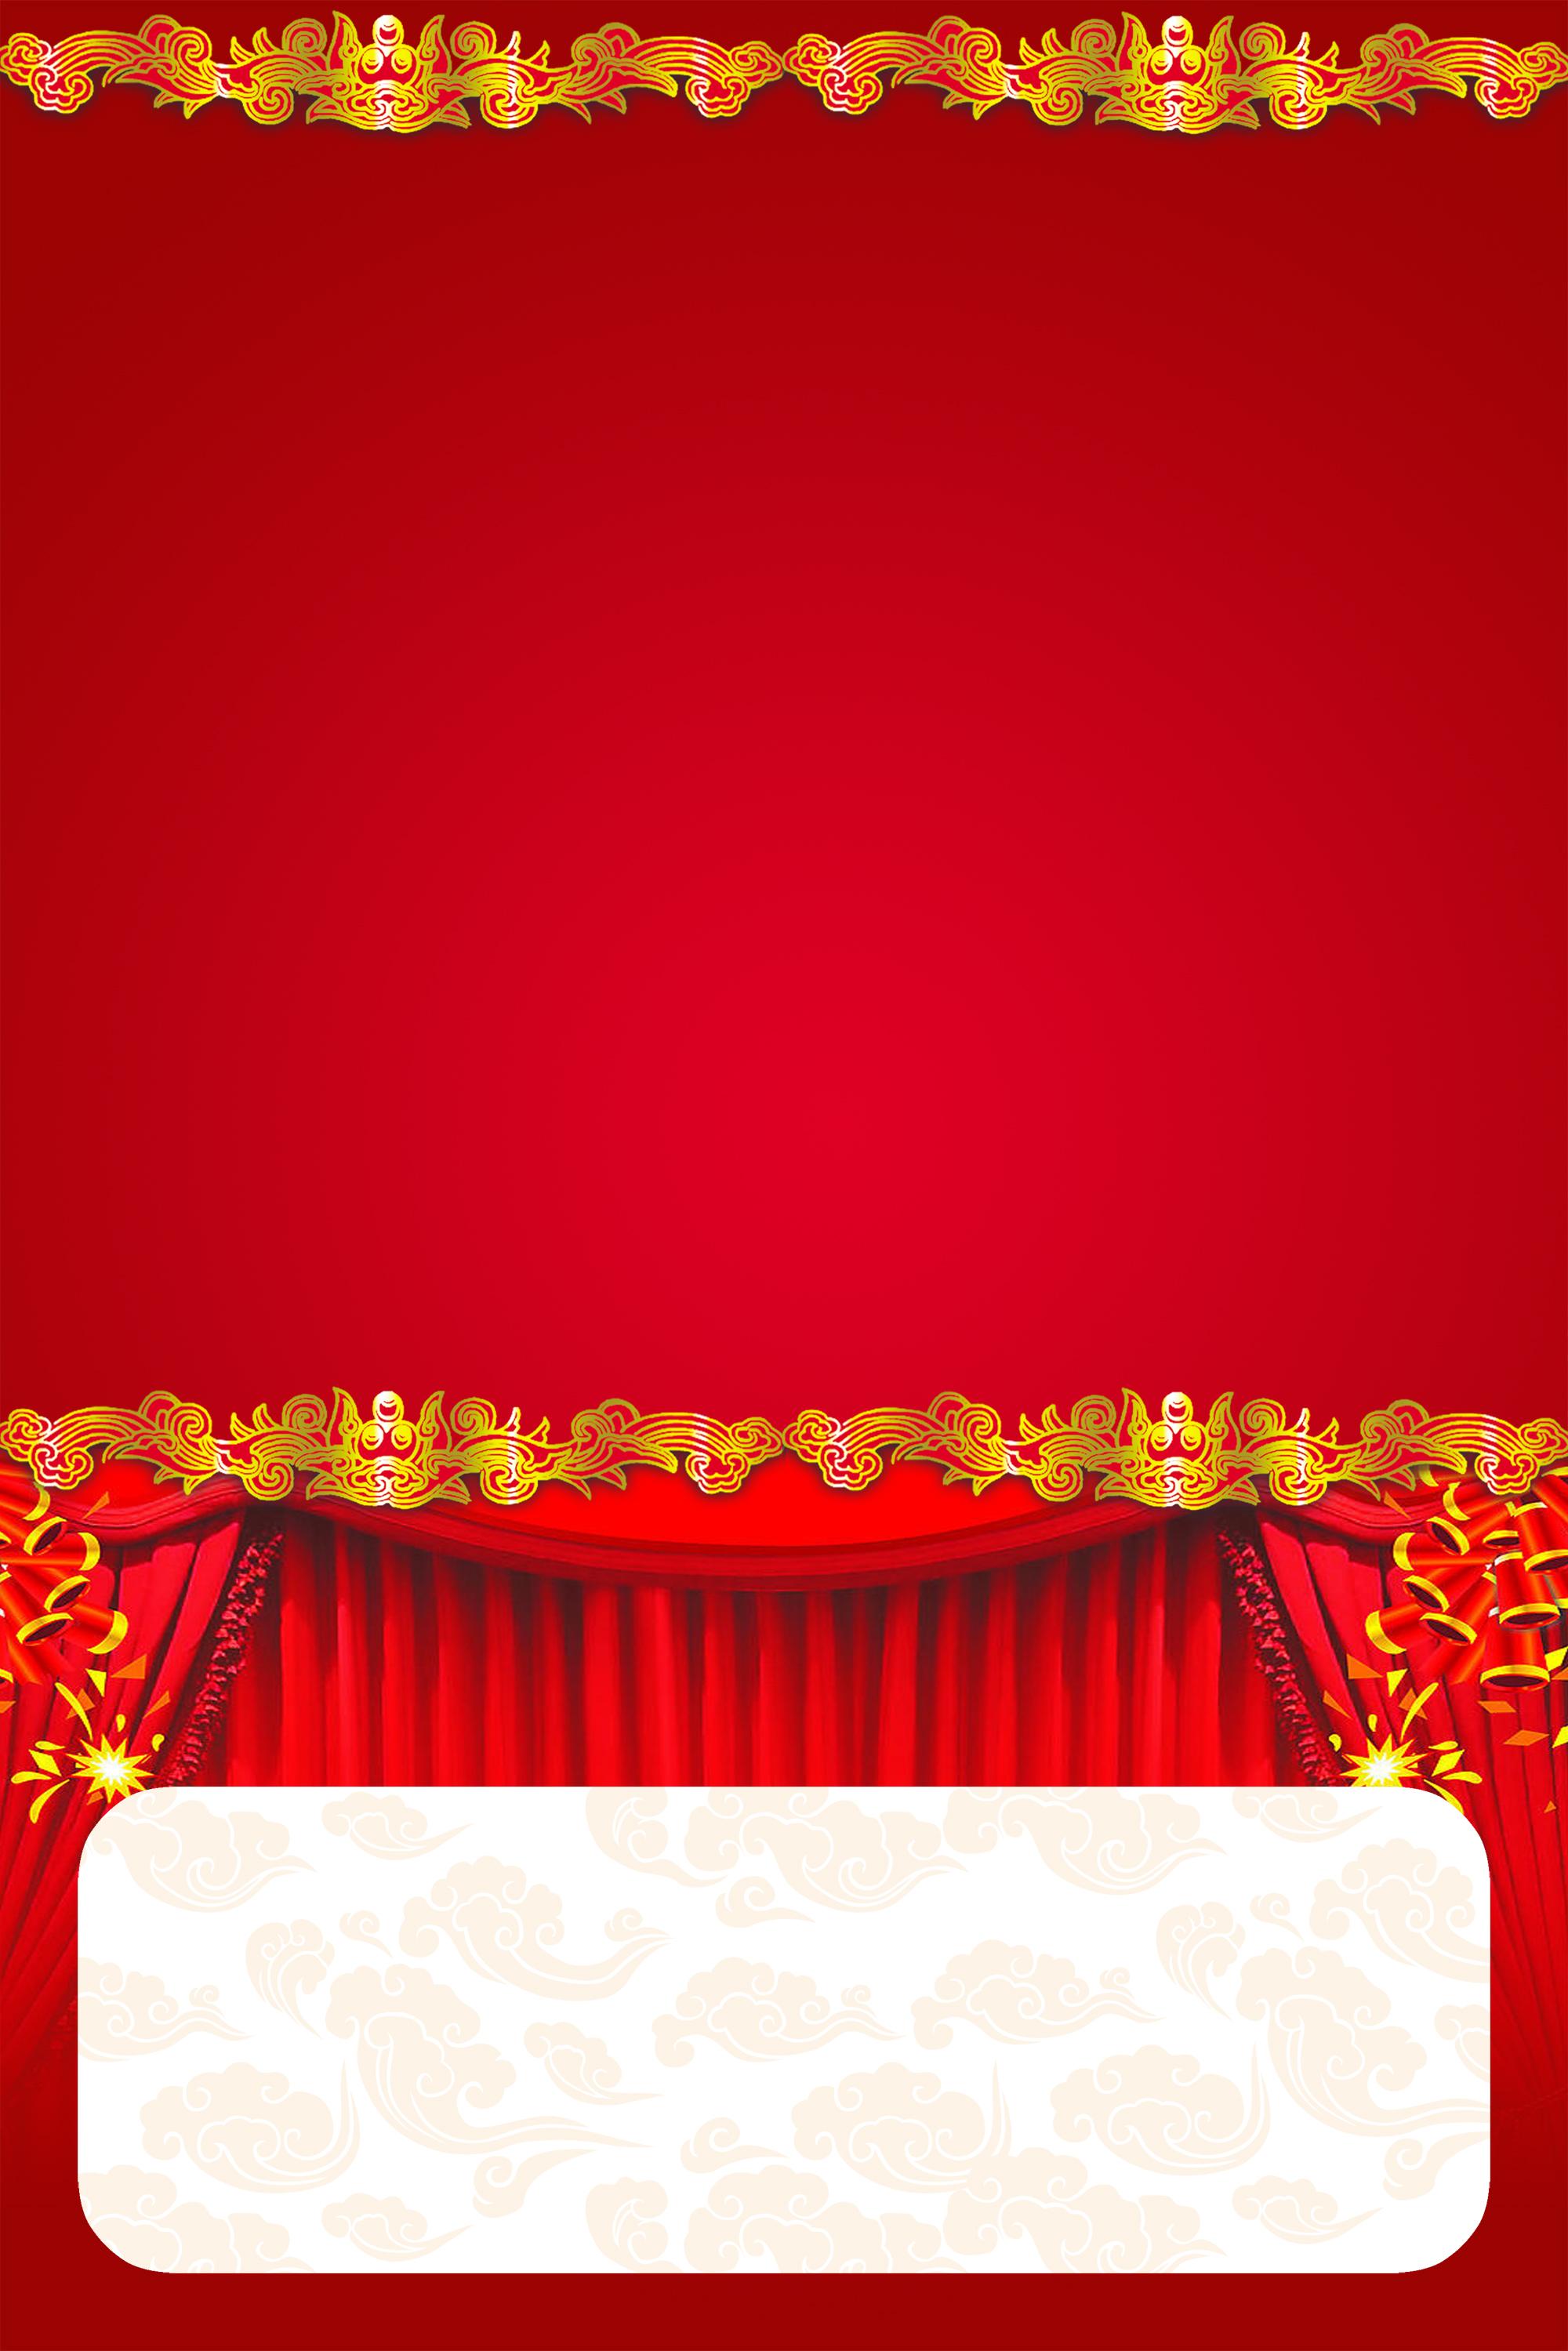 un motif mod u00e8le rouge chinois calendrier affiche de fond